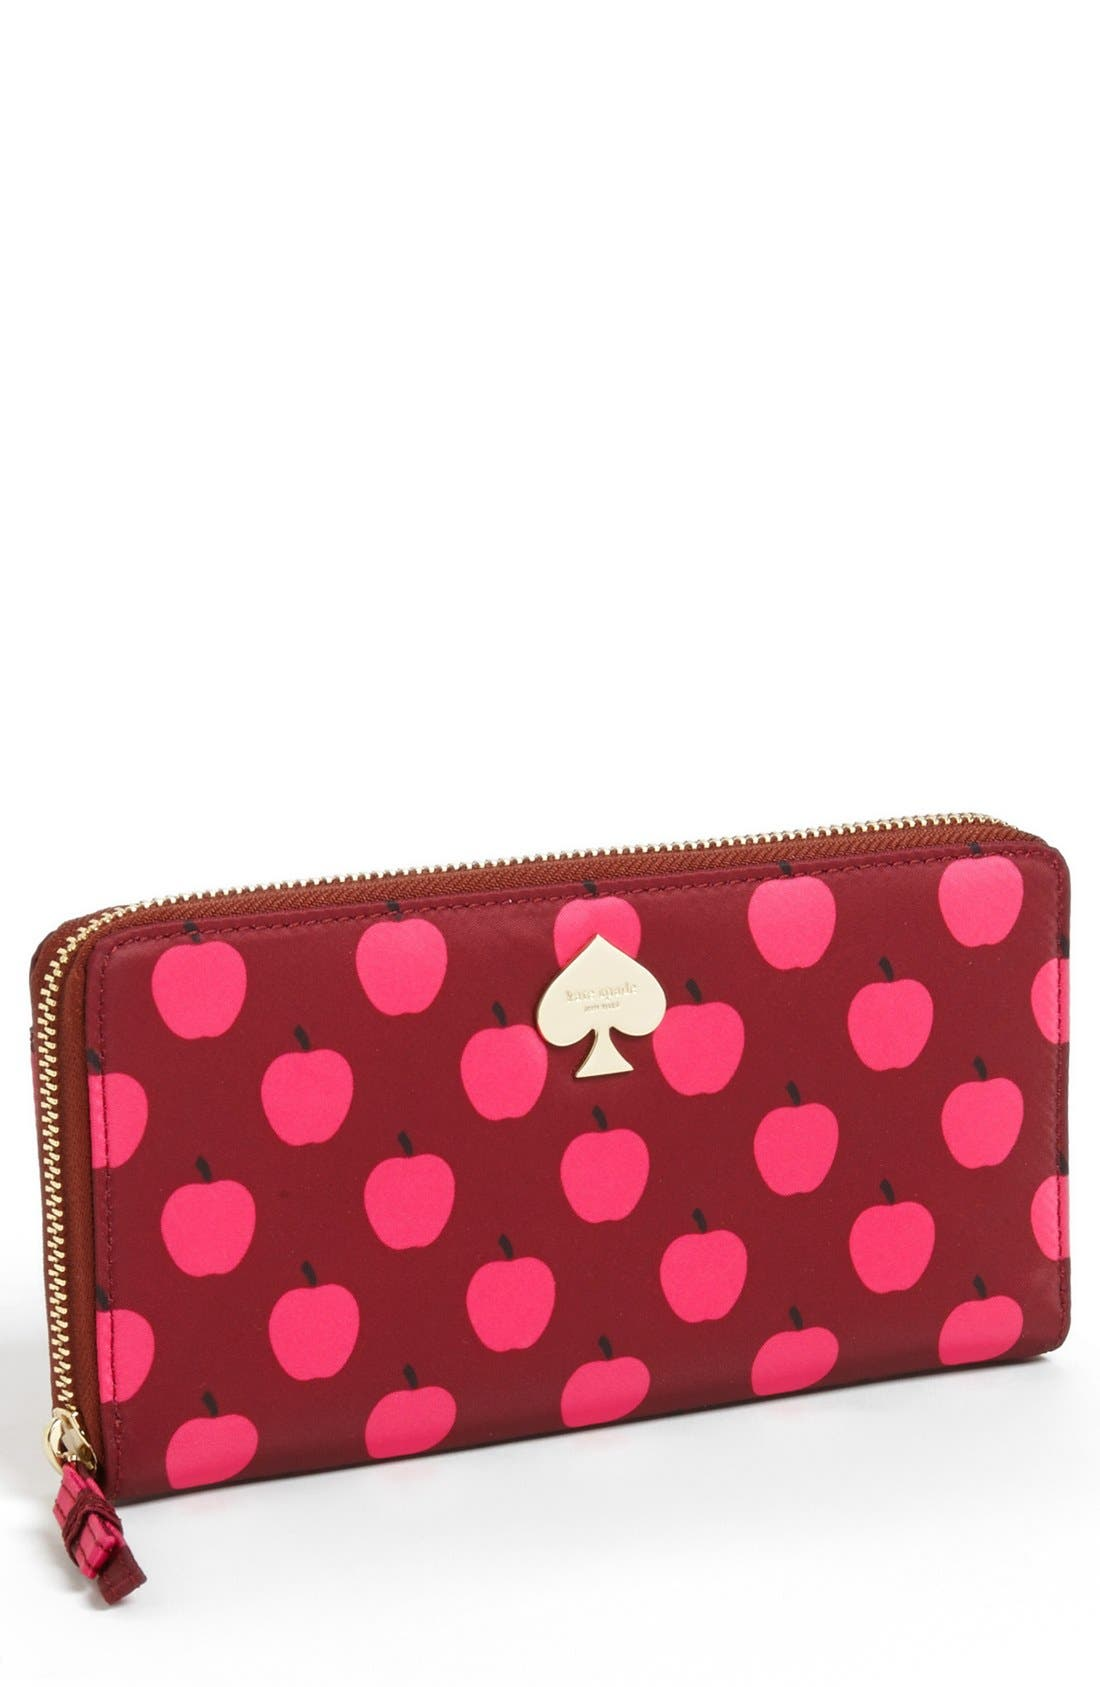 Alternate Image 1 Selected - kate spade new york 'flatiron - lacey' wallet